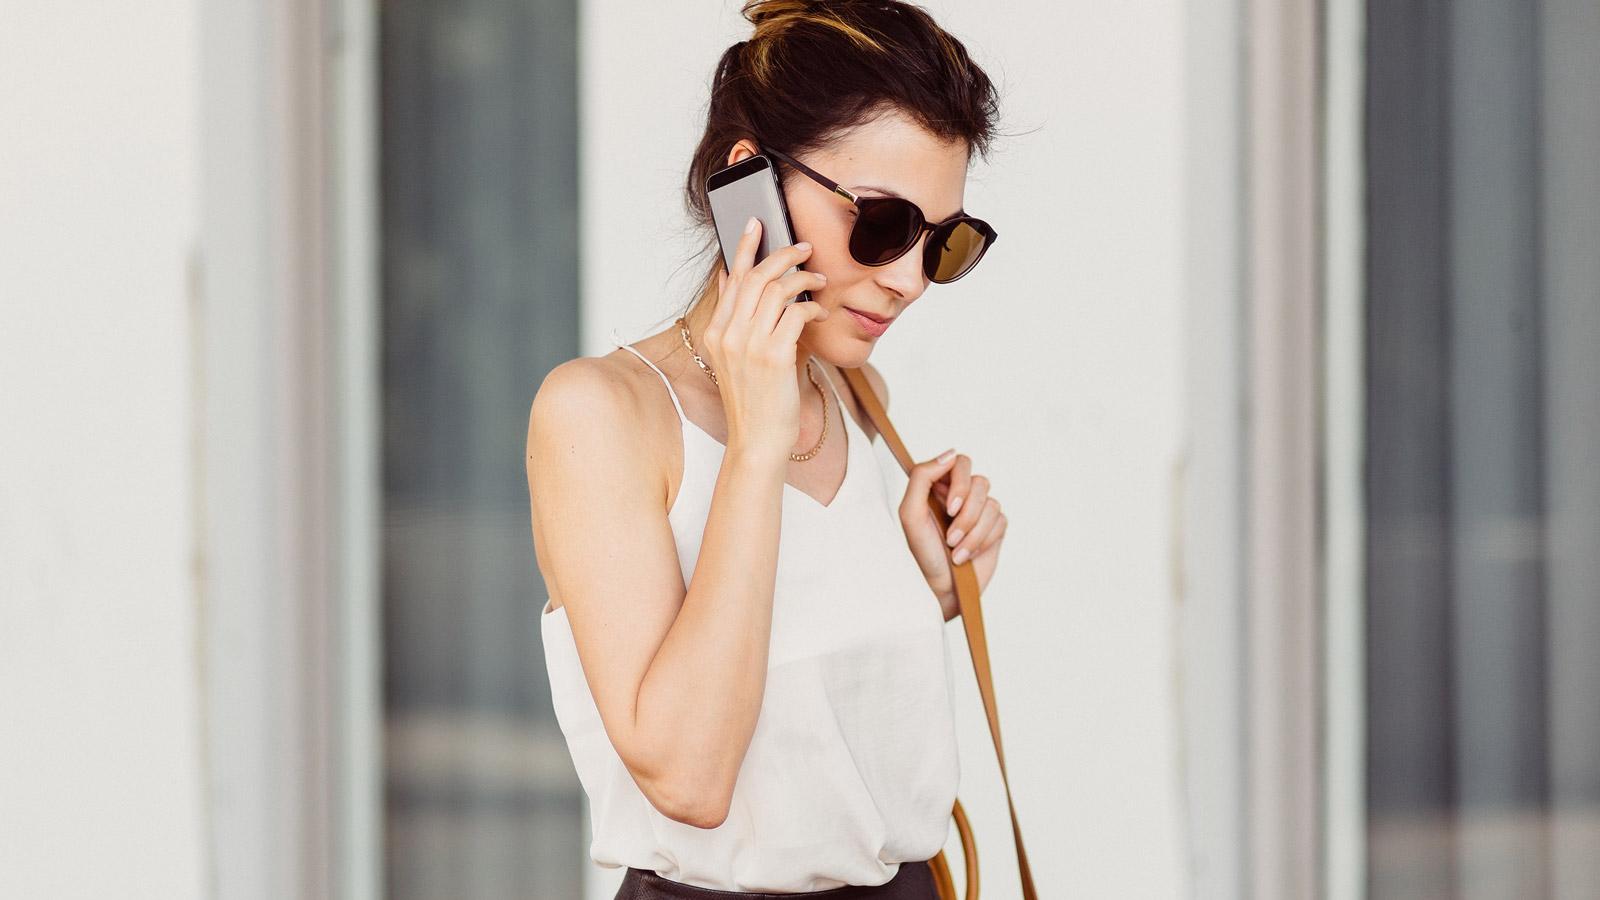 15 statystyk na temat urządzeń mobilnych o których nie miałeś pojęcia top 5 mediarun kobieta bizneswoman telefon 2019